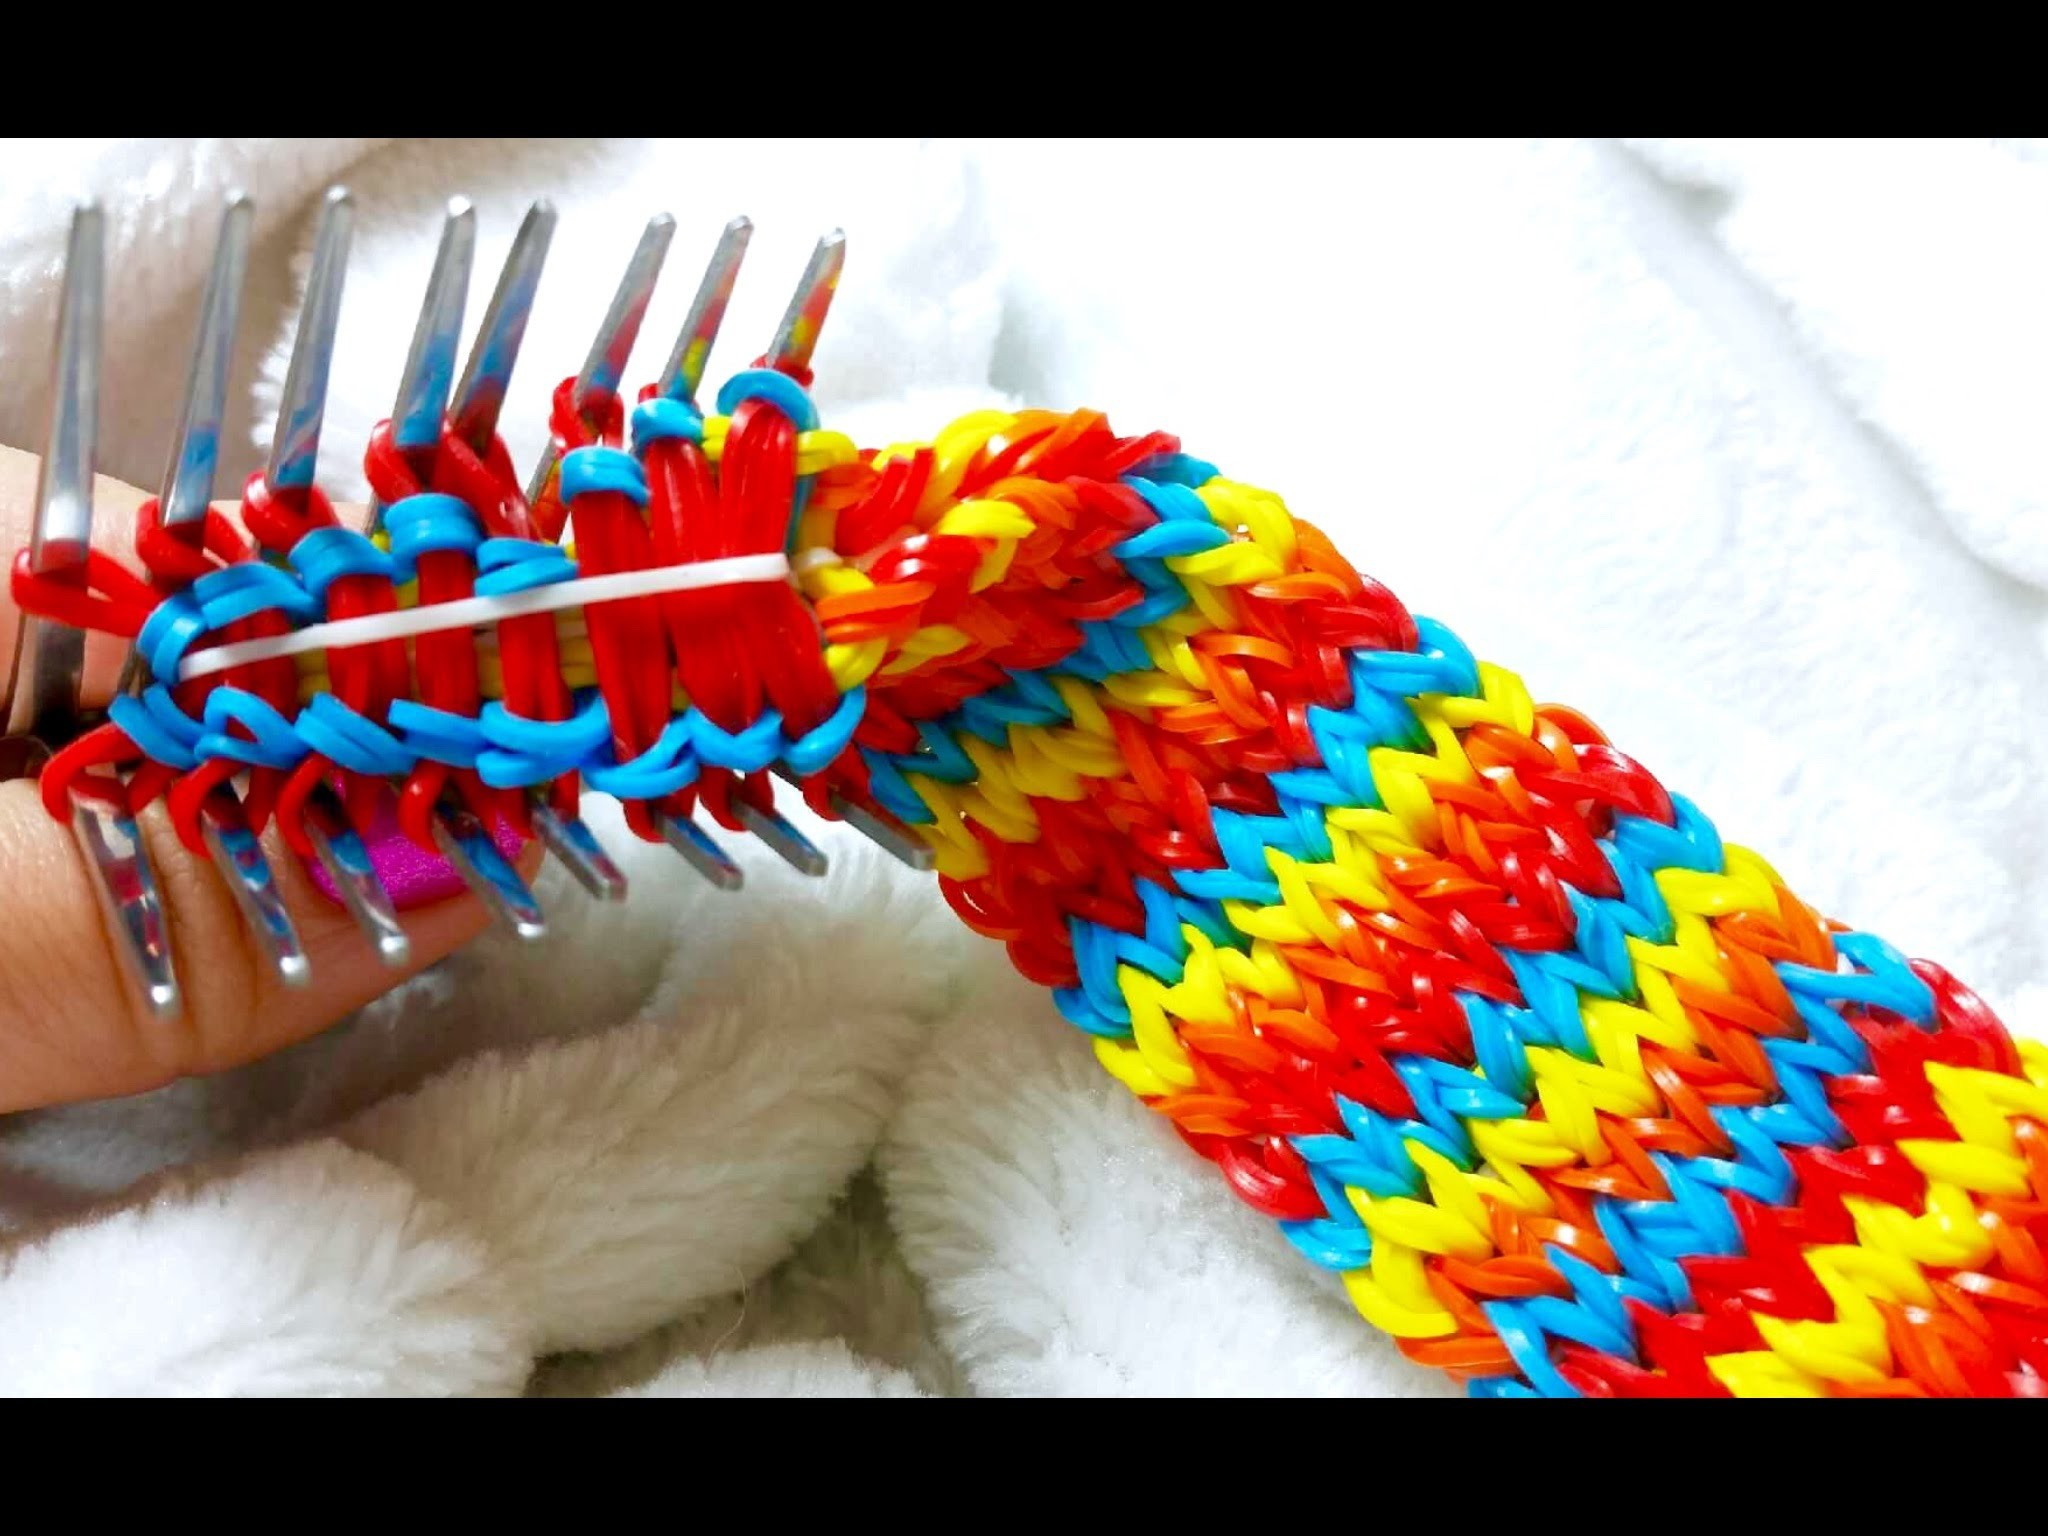 Rainbow Loom-Pulseira de Elásticos ESCAMA DE DRAGÃO ESTILOSA-Gomitas-Loom Bands BRACELET